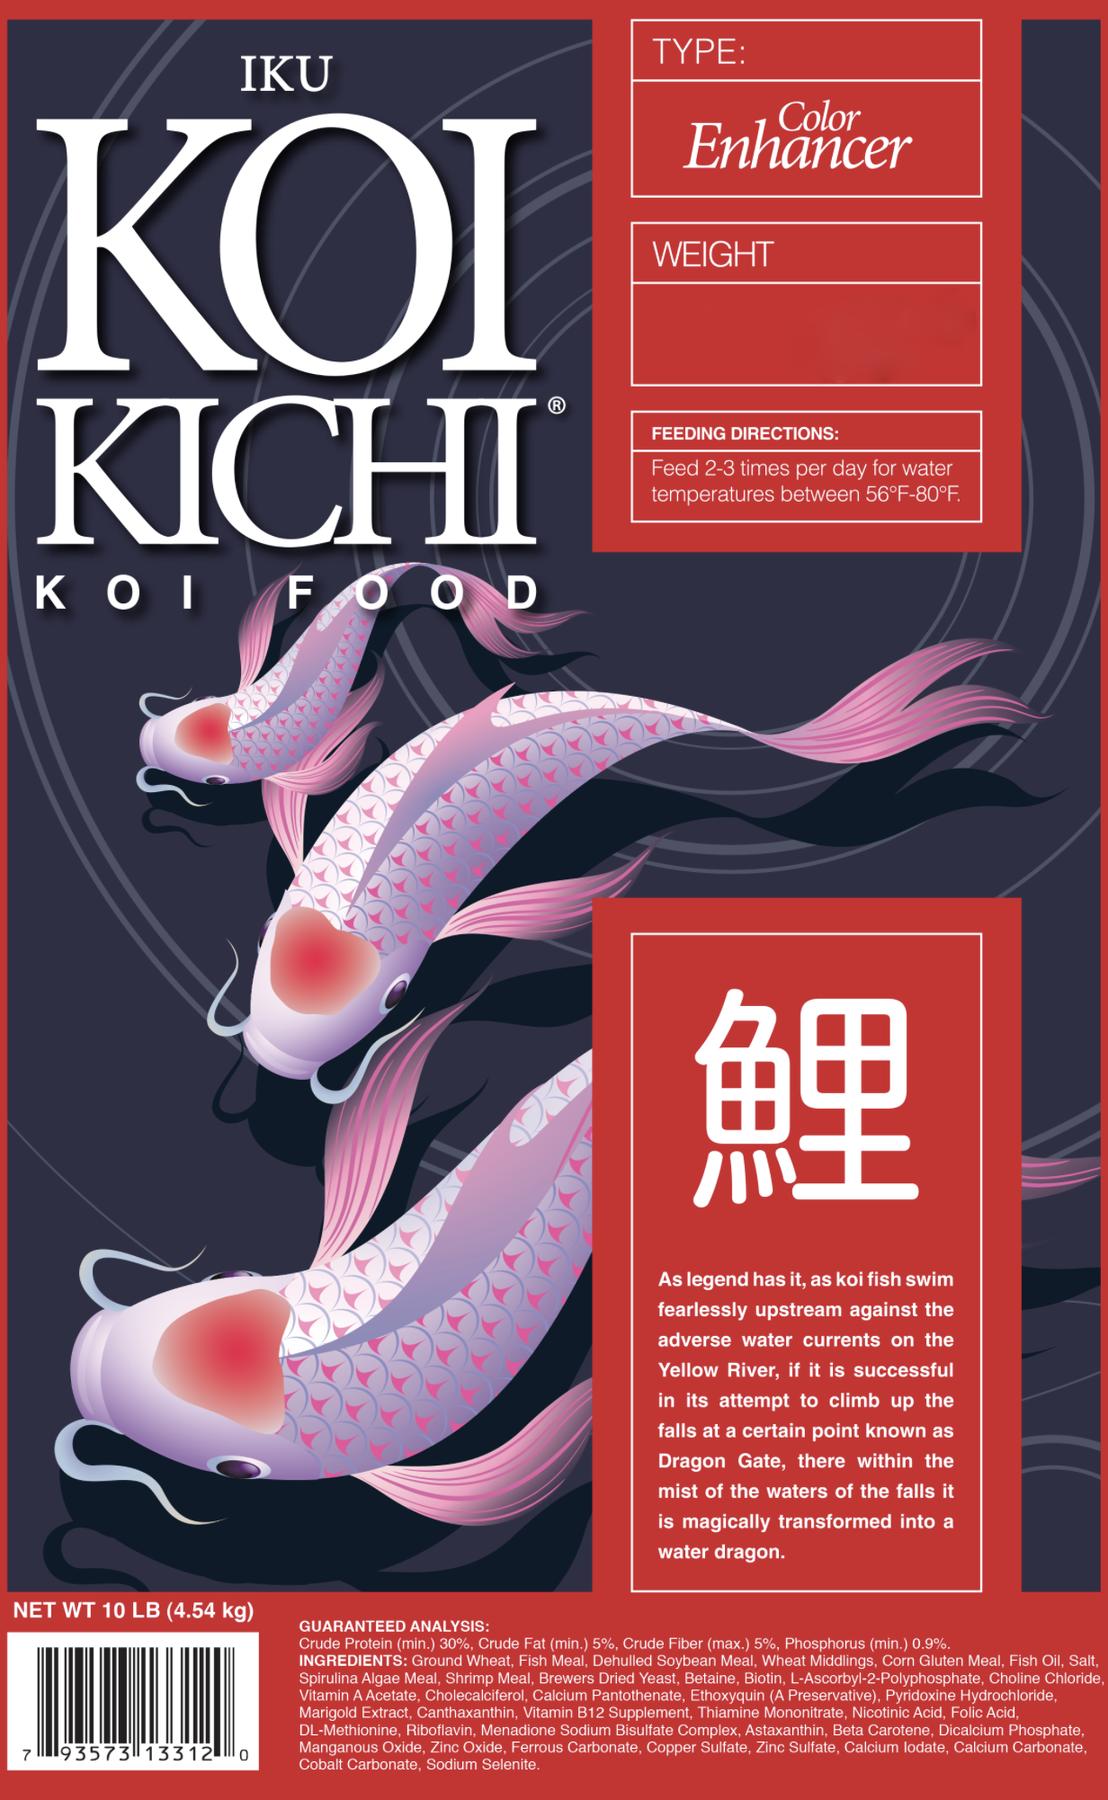 Iku Koi Kichi Color Enhancer Koi Fish Food - 20 lbs.